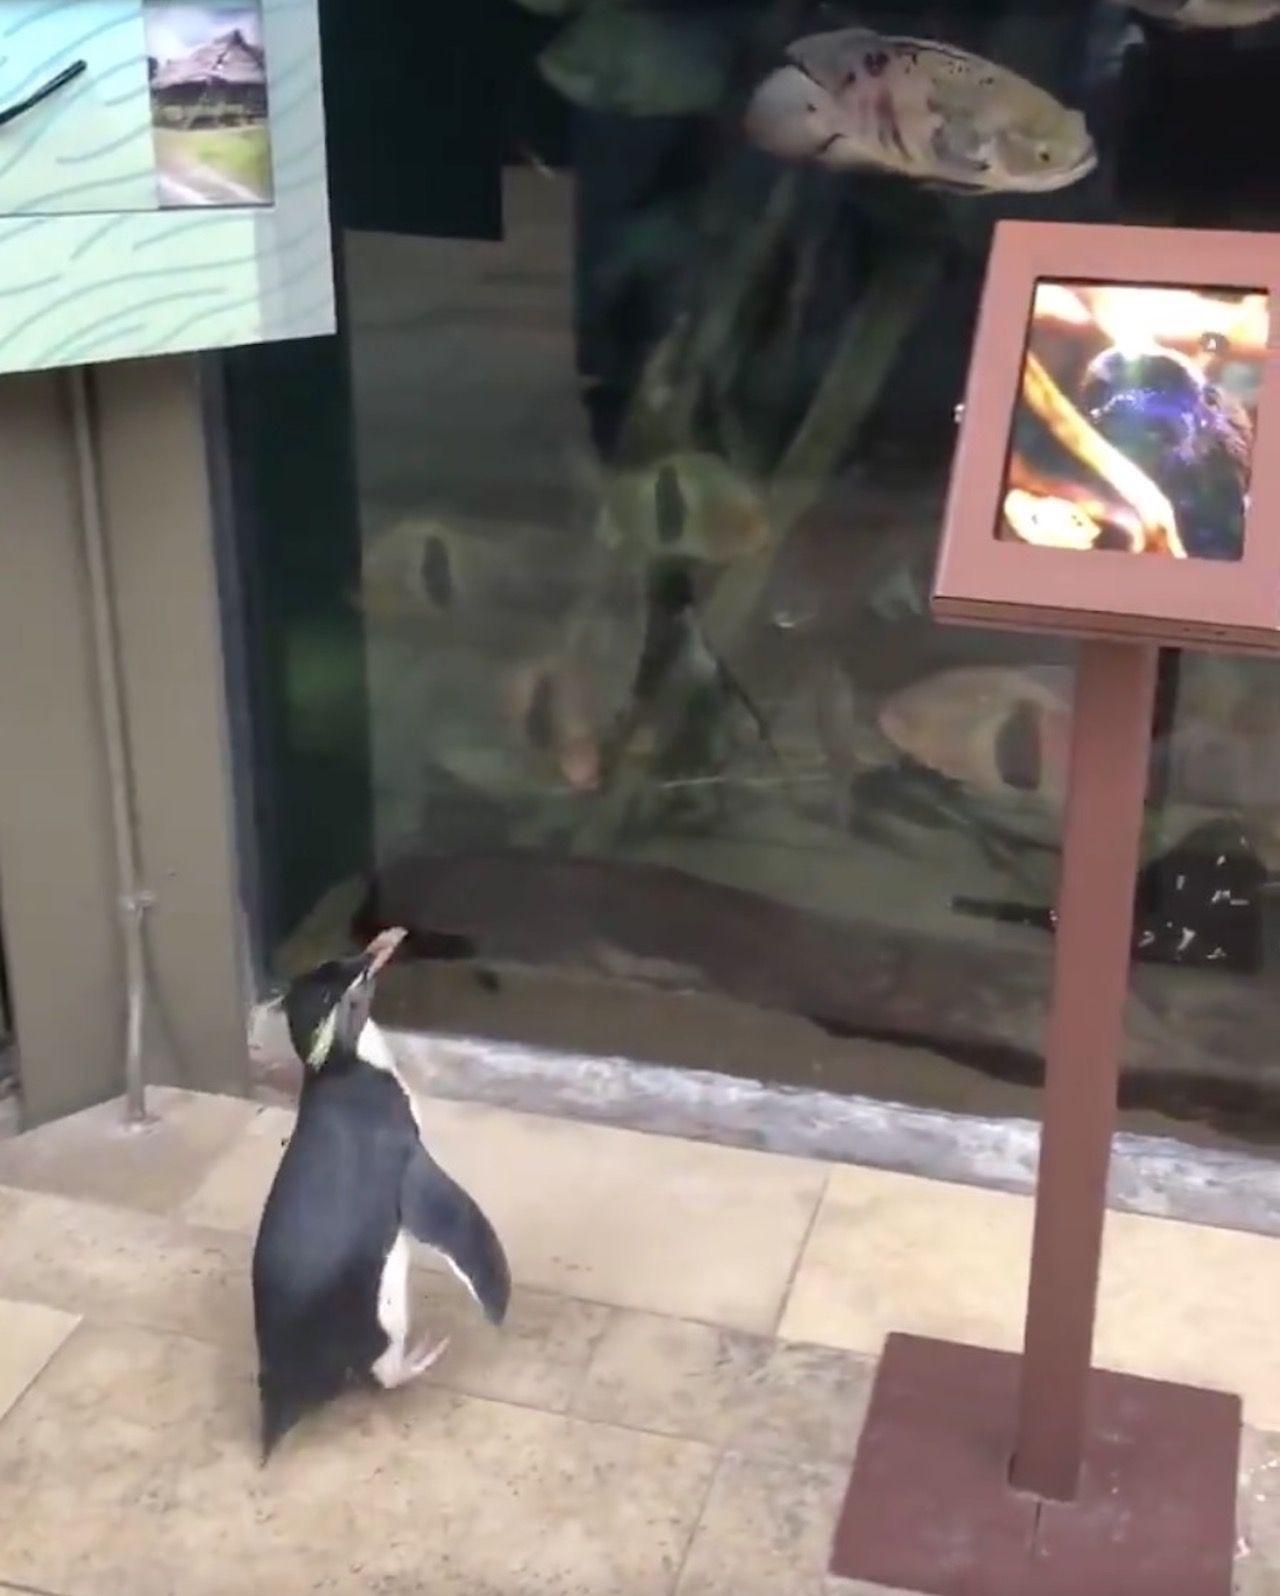 Chicago aquarium let penguins roam